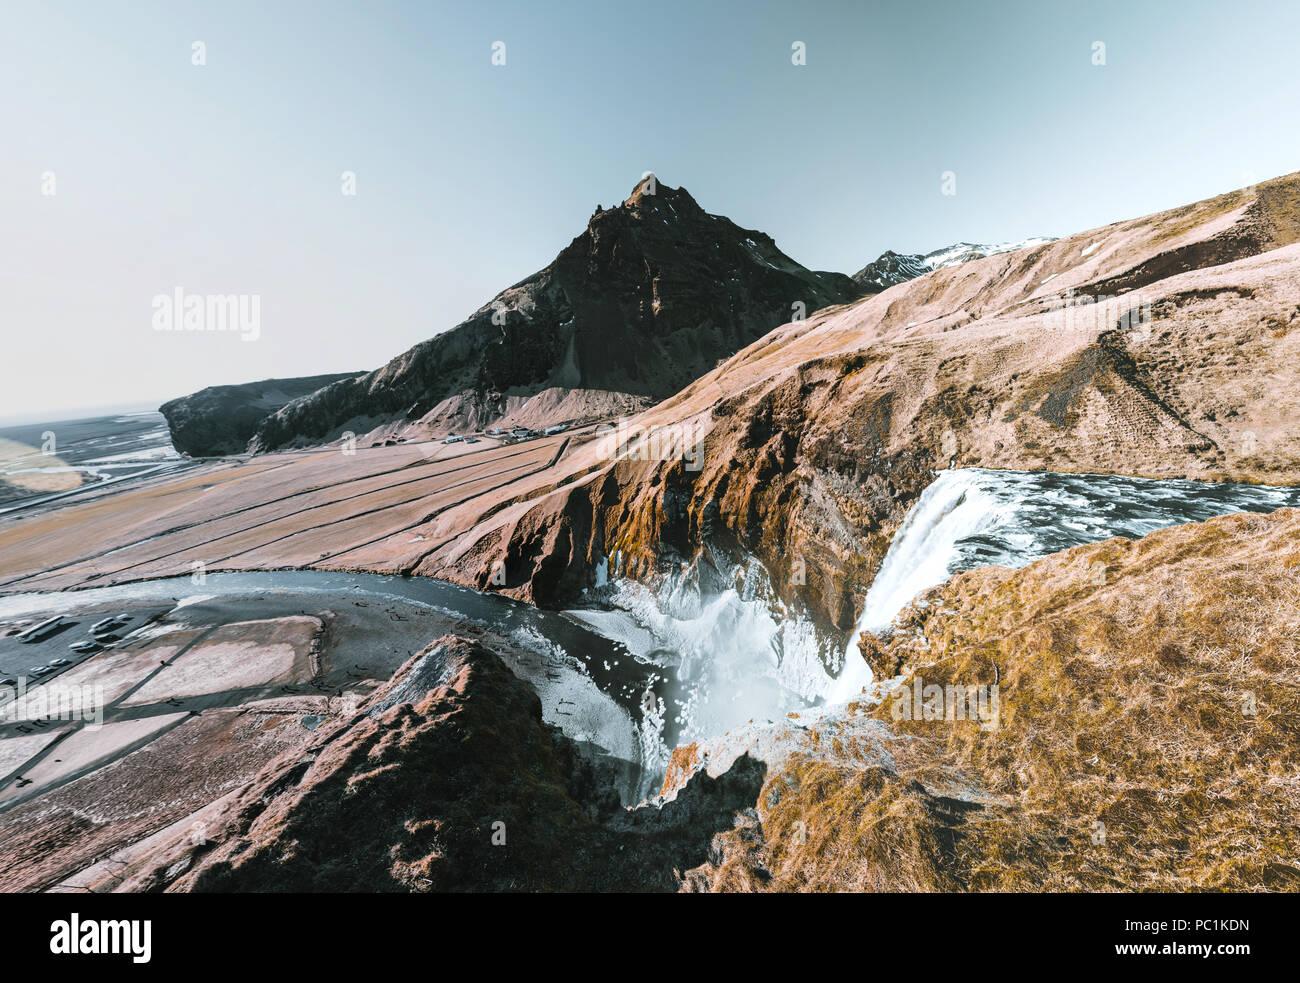 Island einen fantastischen Blick auf die Landschaft mit Fluss und Berg mit blauen Himmel an einem sonnigen Tag. Stockbild